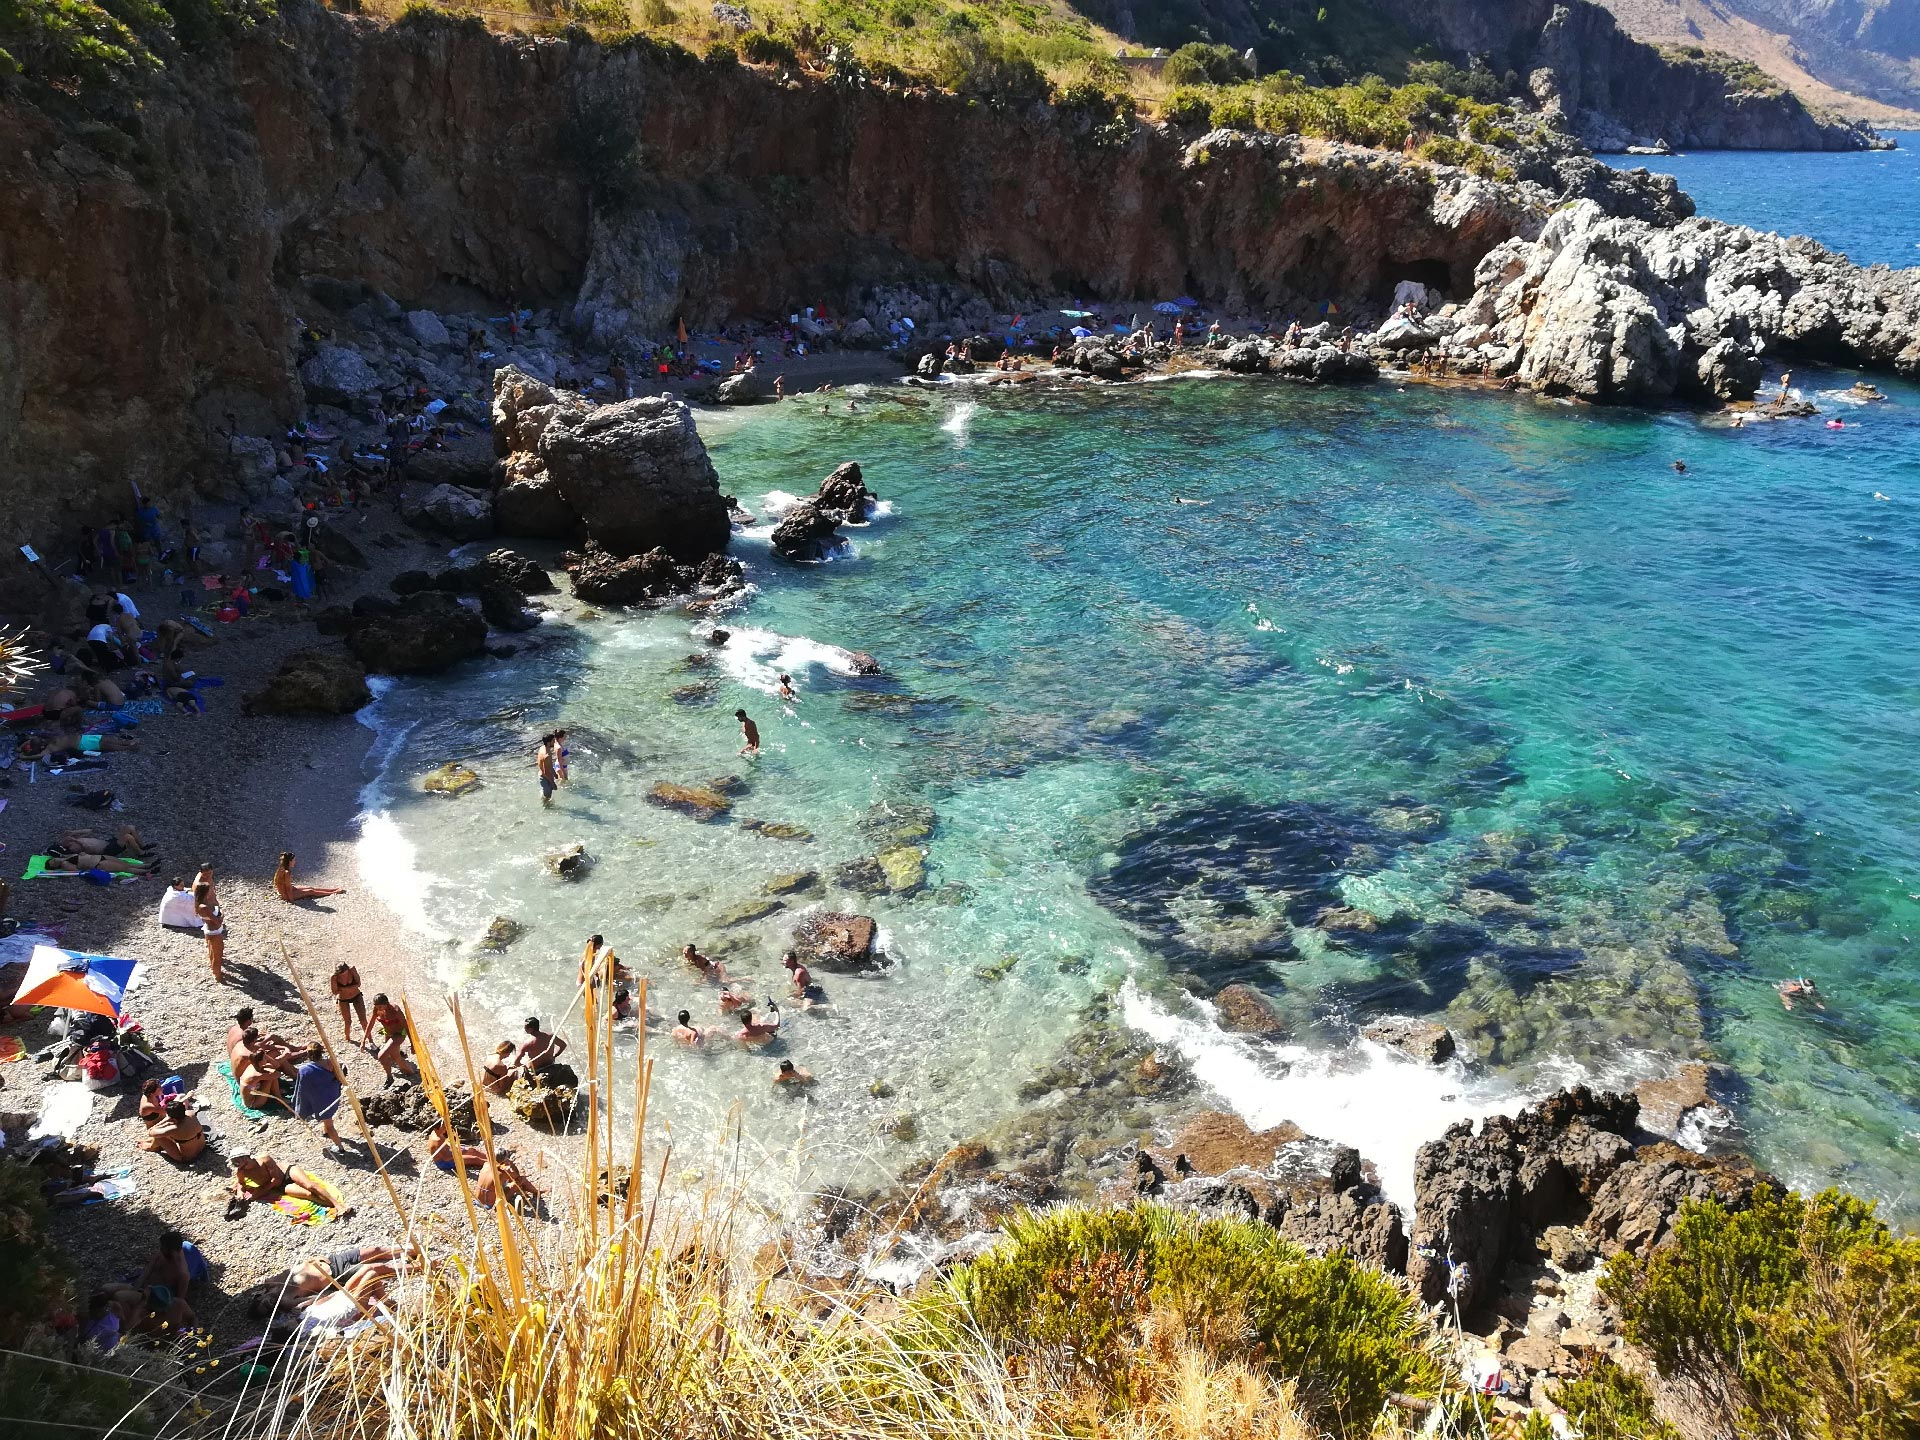 veduta di Cala Berretta all'interno della Riserva Naturale dello Zingaro, Trapani, Sicilia